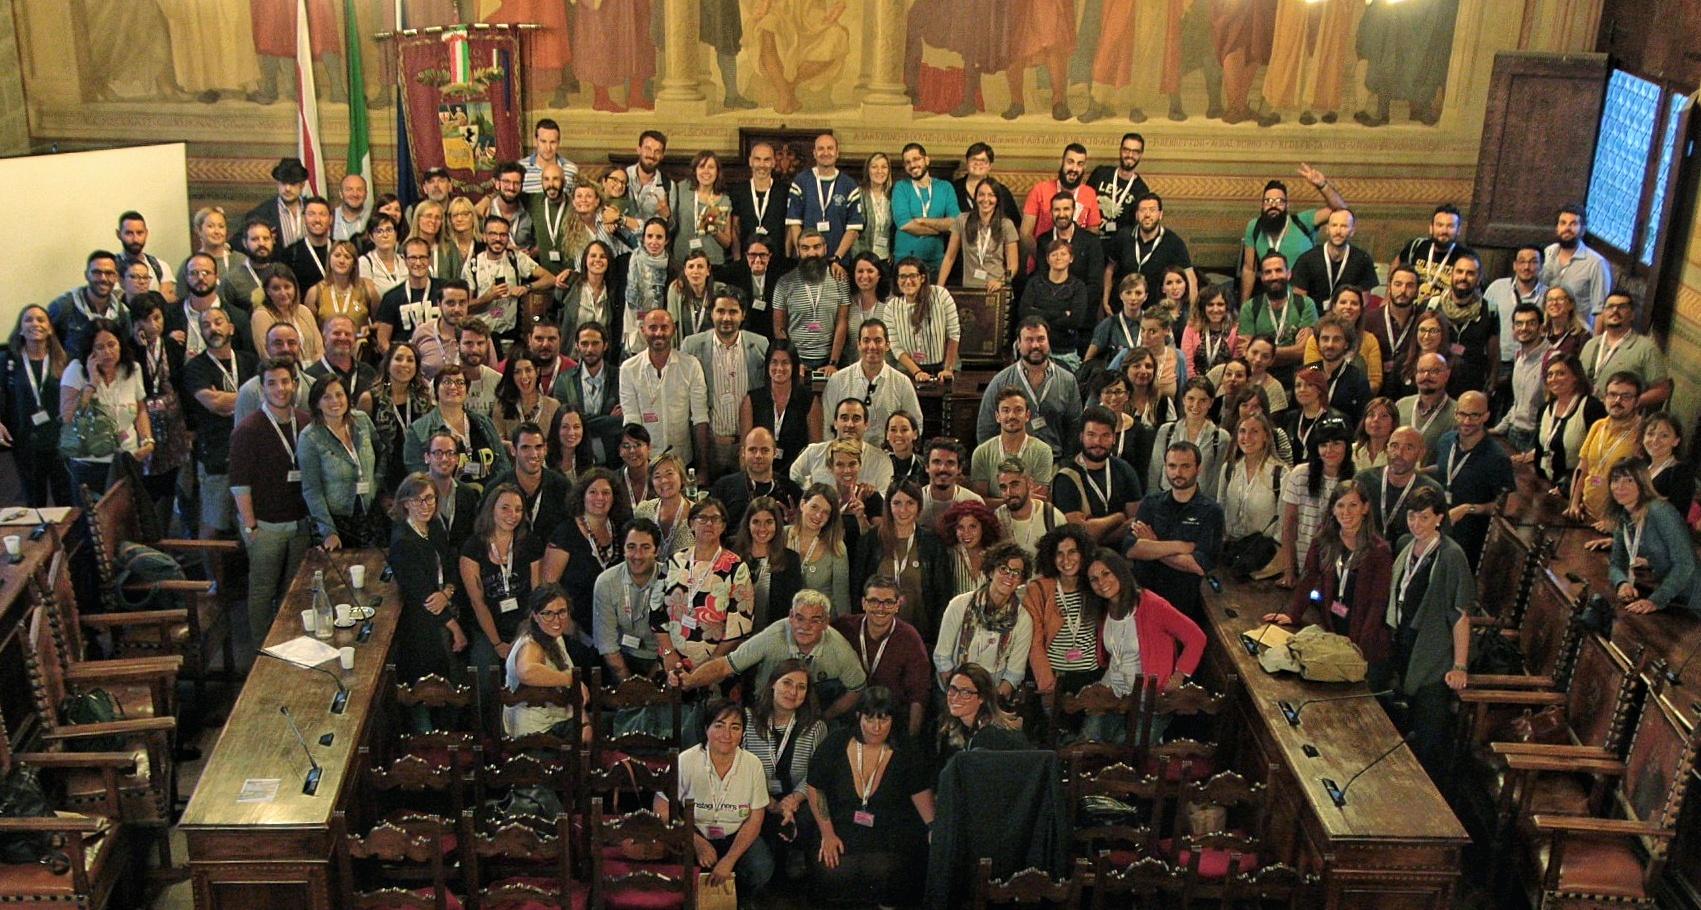 assemblea 2016 arezzo